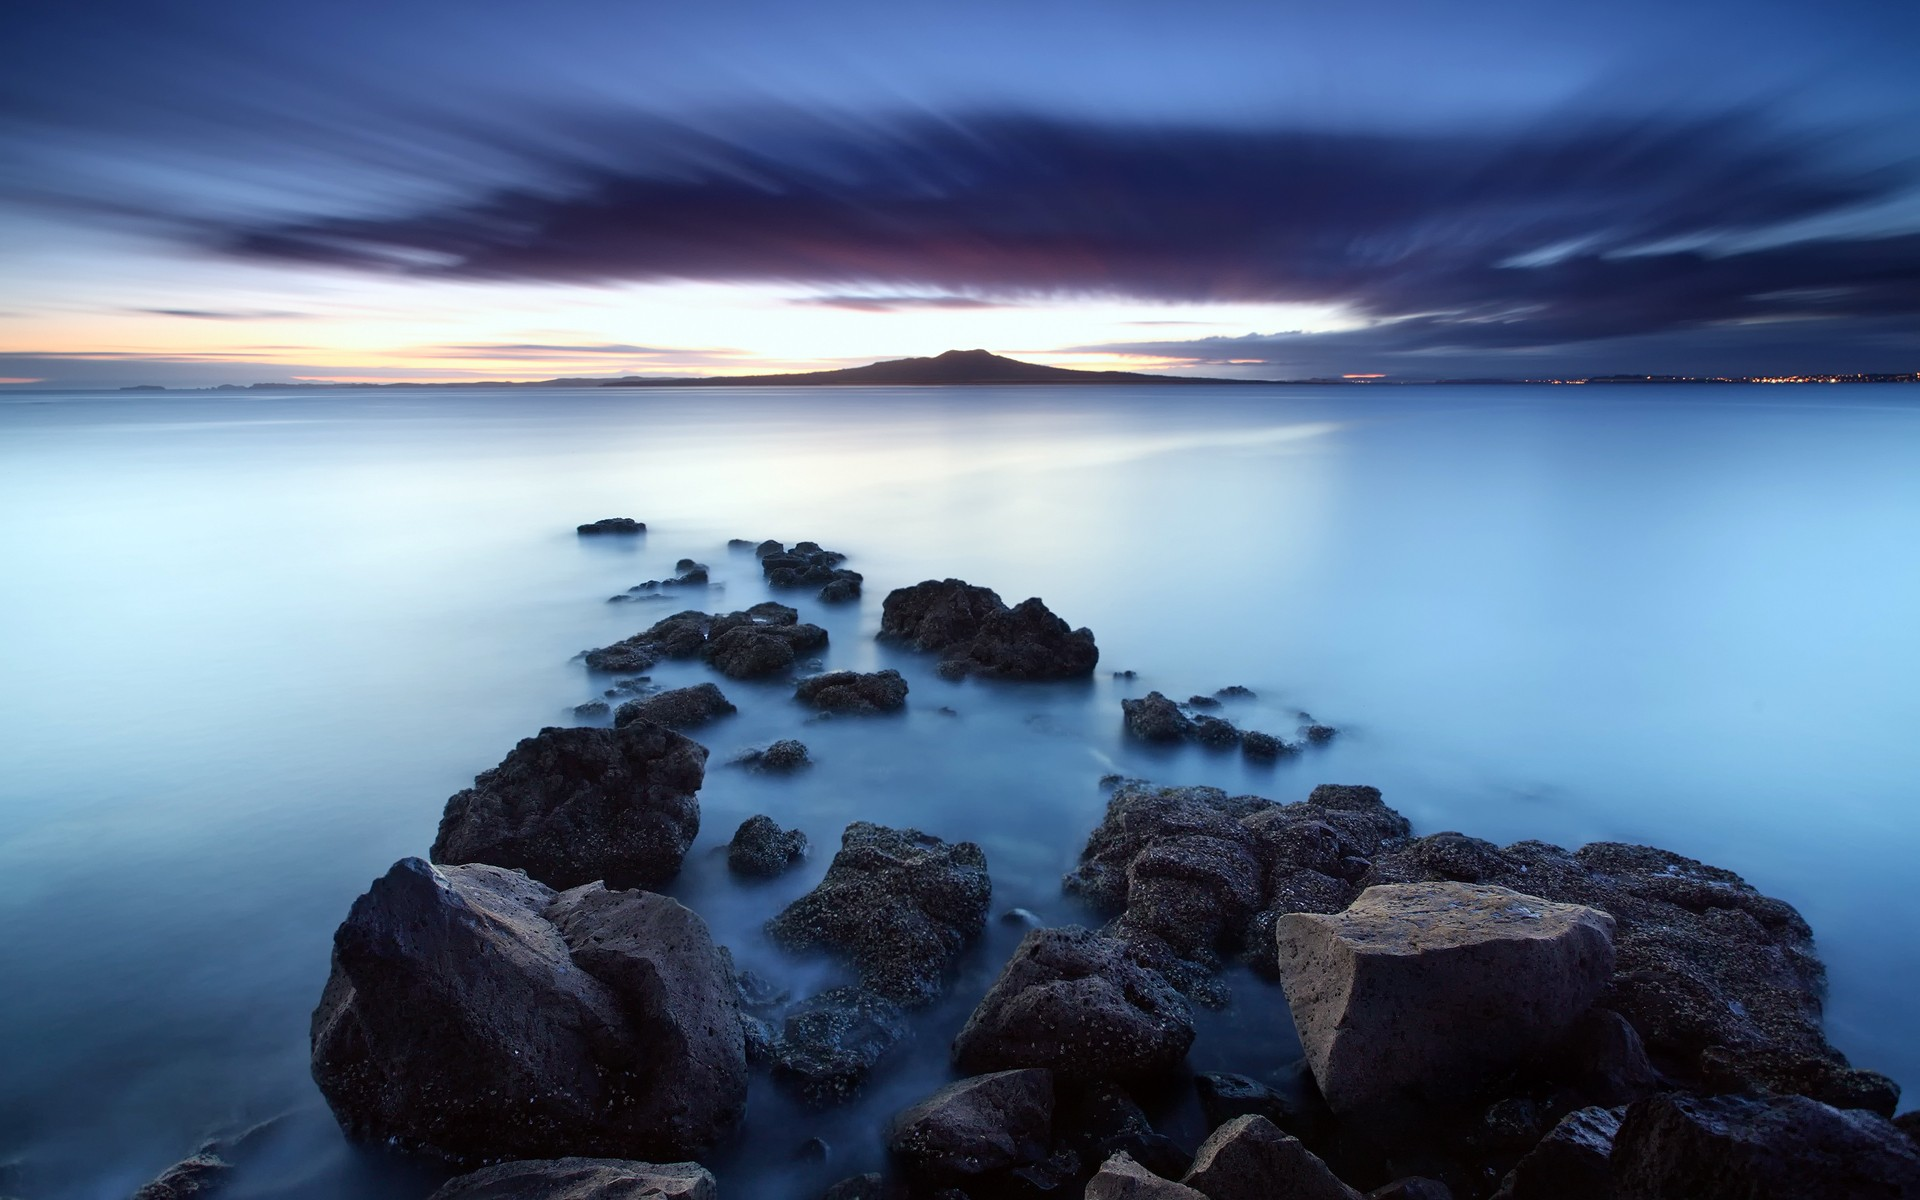 Stunning Beach Rocks Wallpaper 34587 2880x1800 px